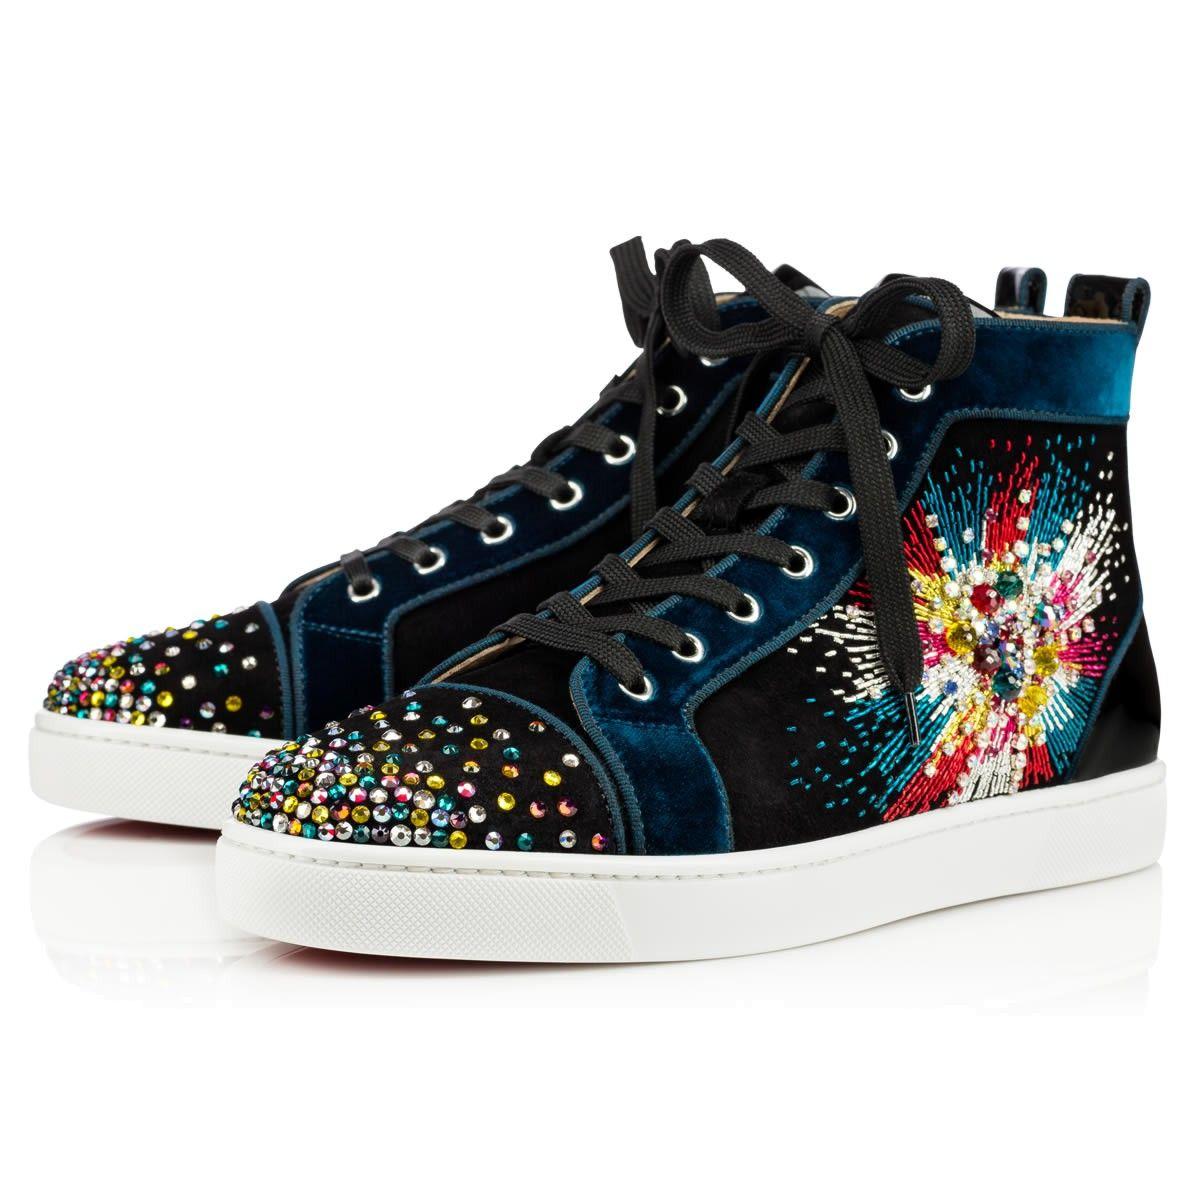 57ce20601f7b CHRISTIAN LOUBOUTIN LOUIS ON FIRE VEAU VELOURS FIREWORKS Multicolor Veau  velours - Men Shoes - Christian Louboutin.  christianlouboutin  shoes